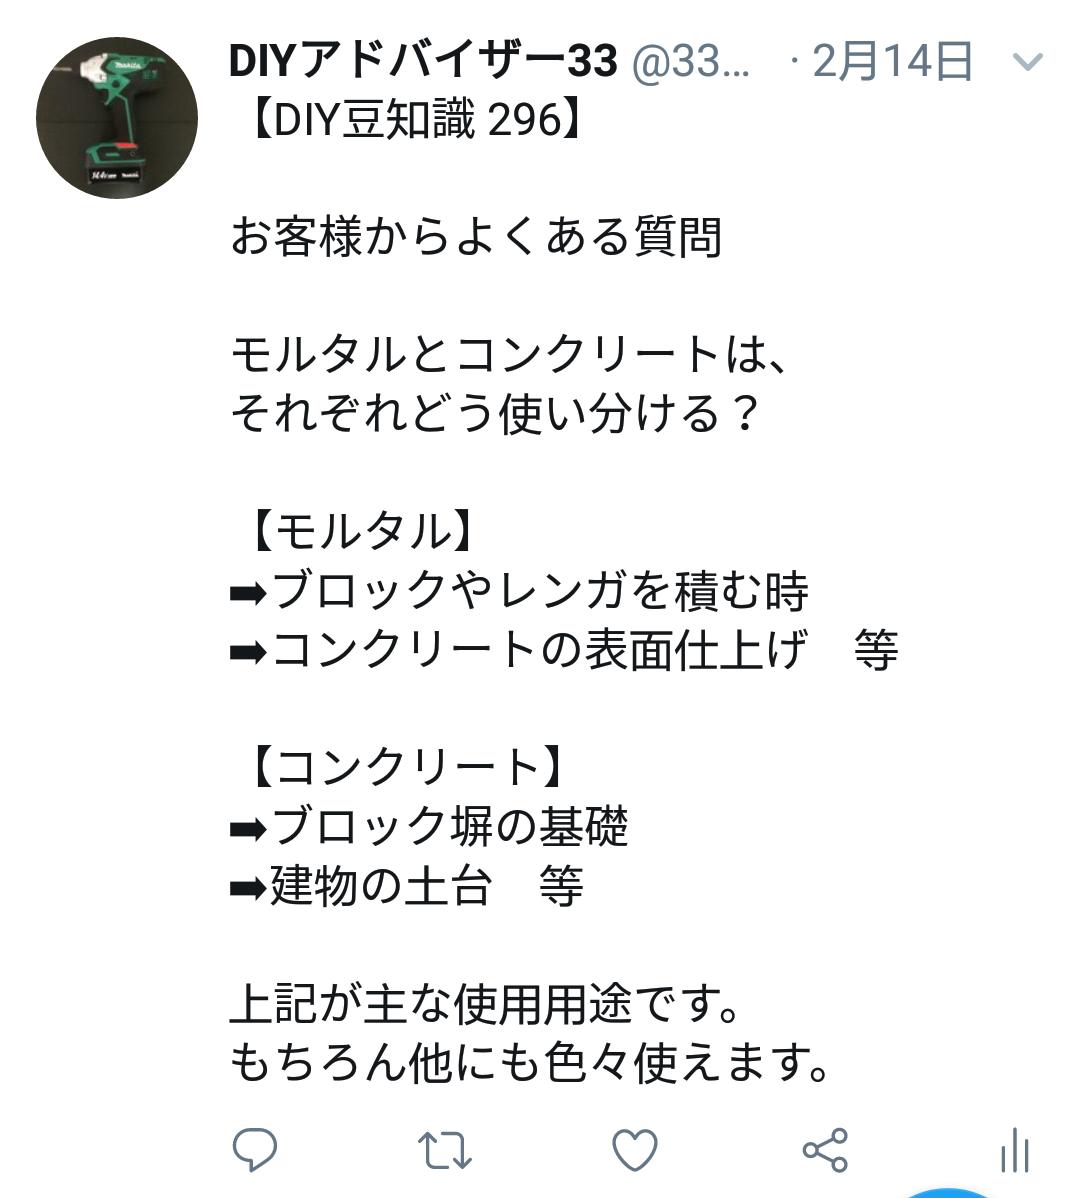 f:id:DIY33:20190409222117p:plain